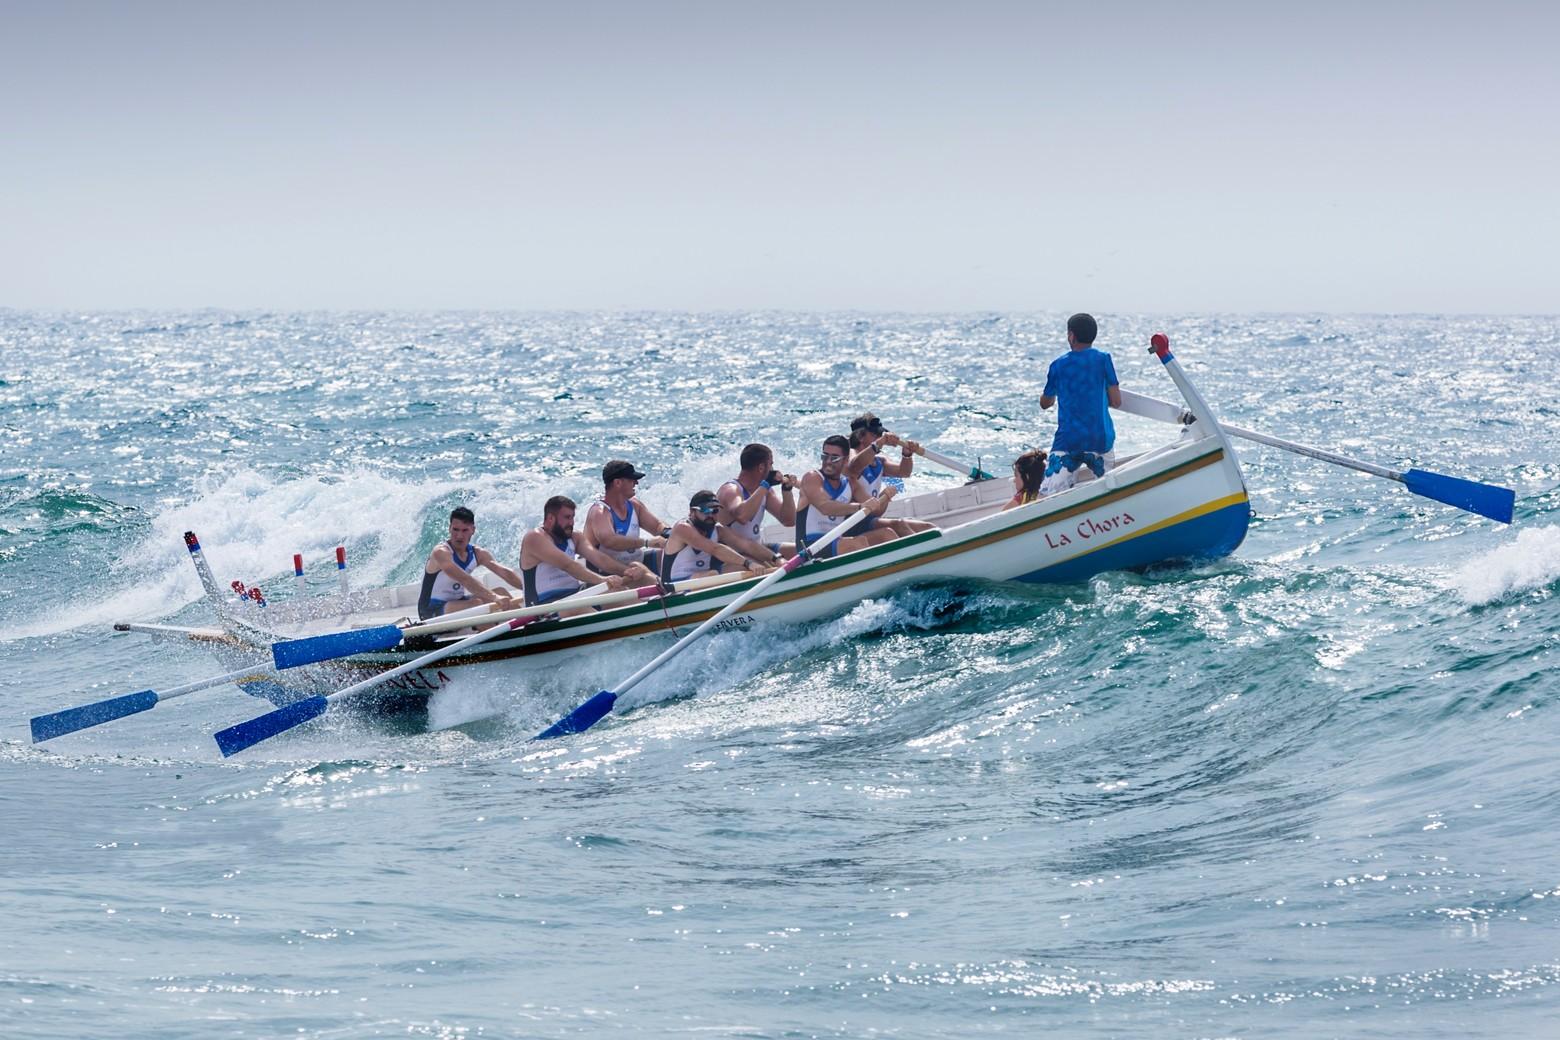 groupe d'hommes à bord d'un bateau